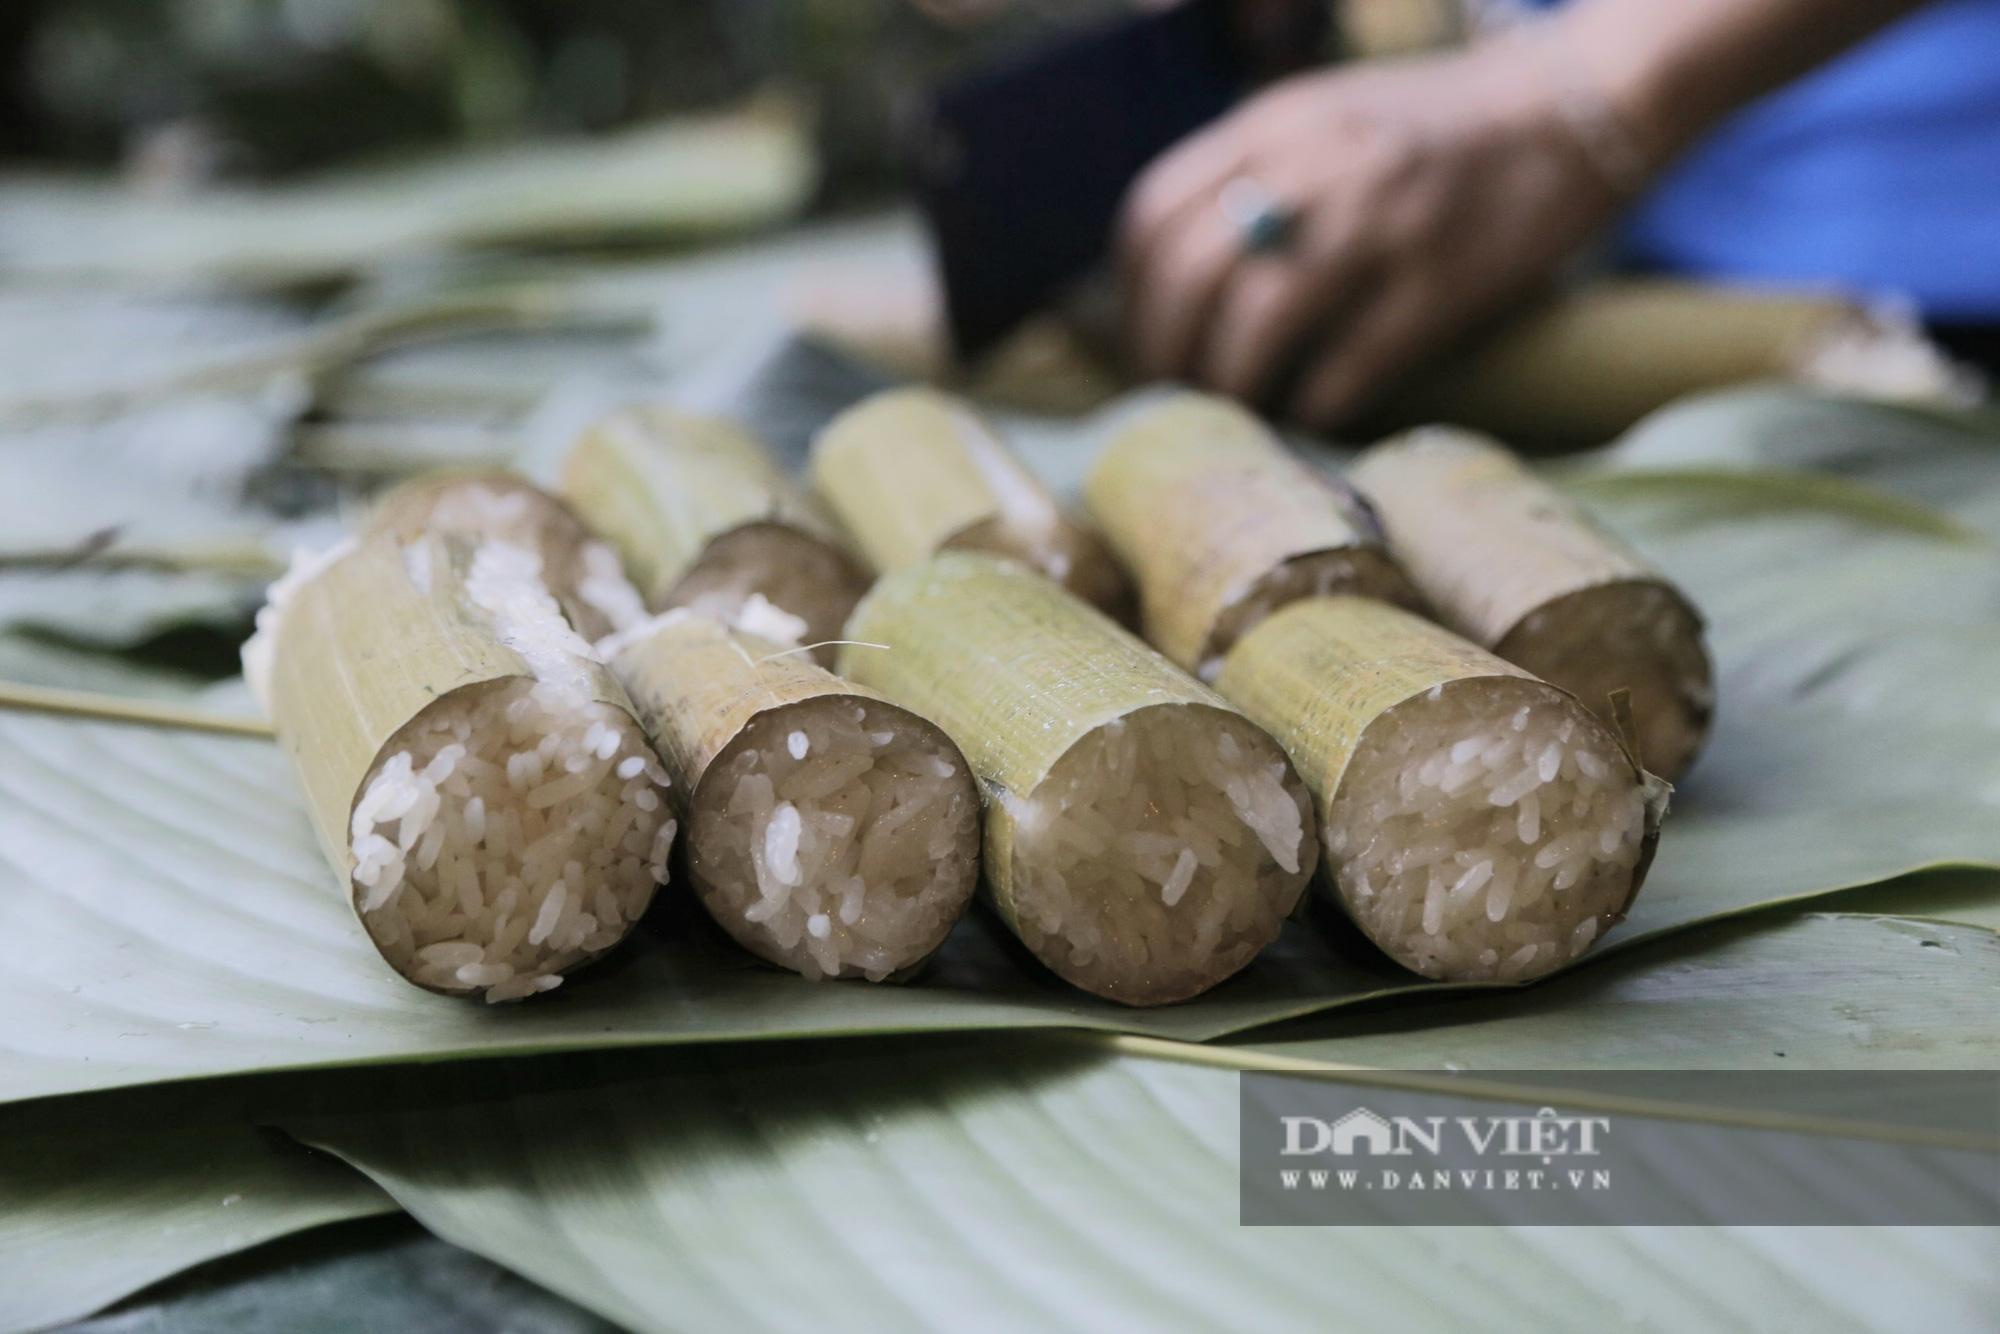 Đến Pù Luông thưởng thức món cơm lam truyền thống dân tộc Thái nơi đây - Ảnh 9.